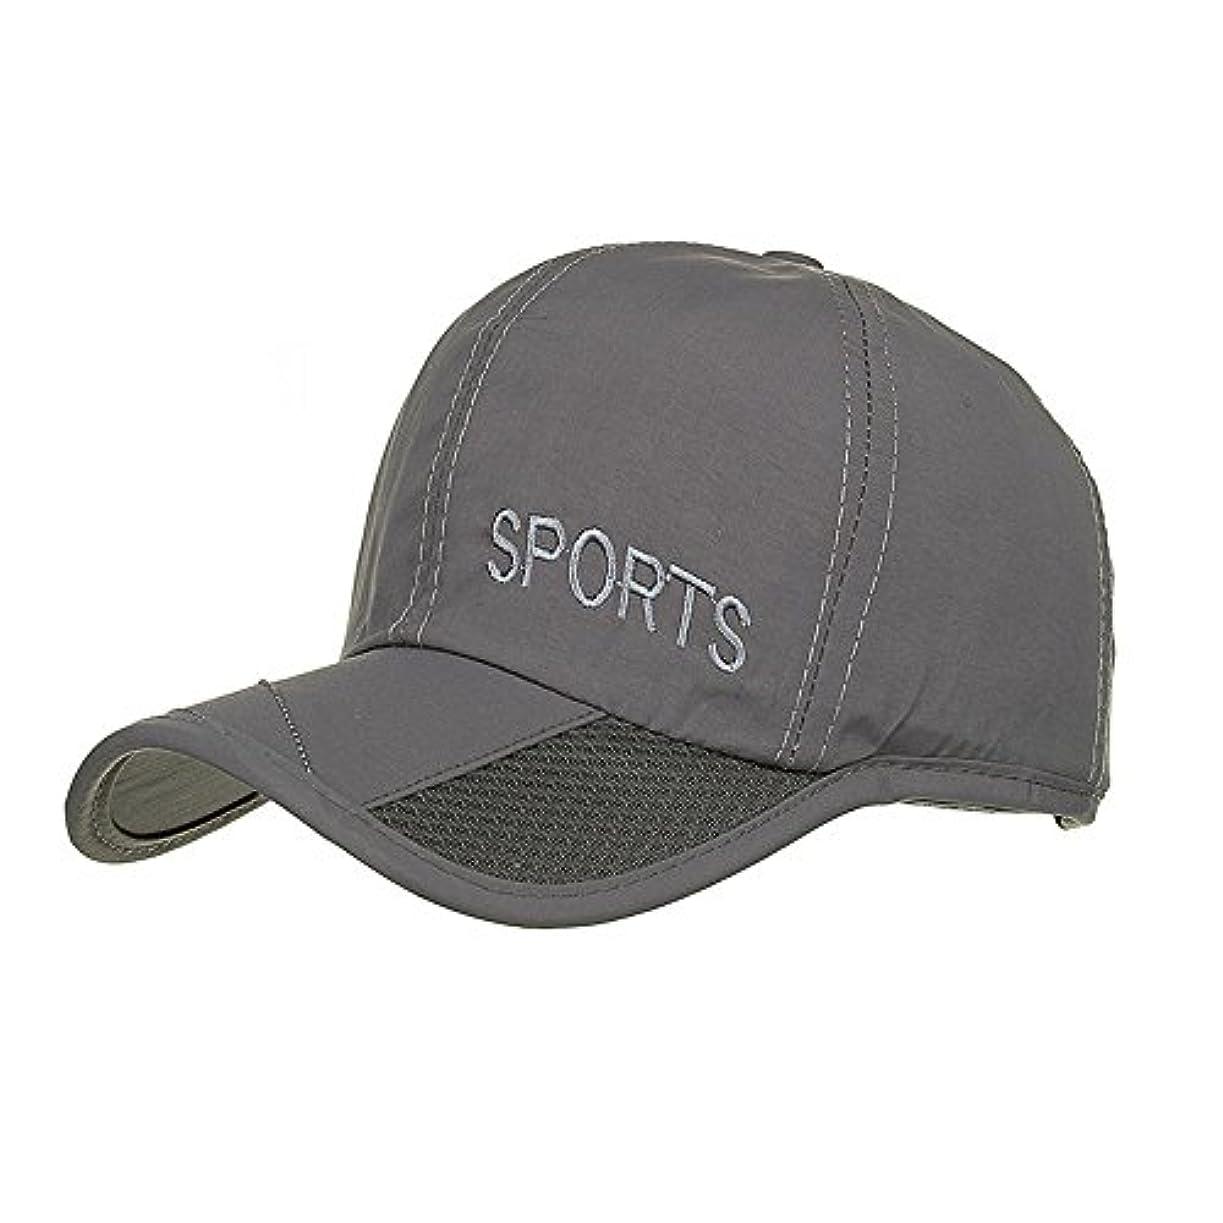 中庭おじいちゃん遠いRacazing Cap 男女兼用 野球帽 夏 登山 通気性のある メッシュ 帽子 ベルクロ 可調整可能 刺繍 棒球帽 UV 帽子 軽量 屋外 Unisex Hat (グレー)